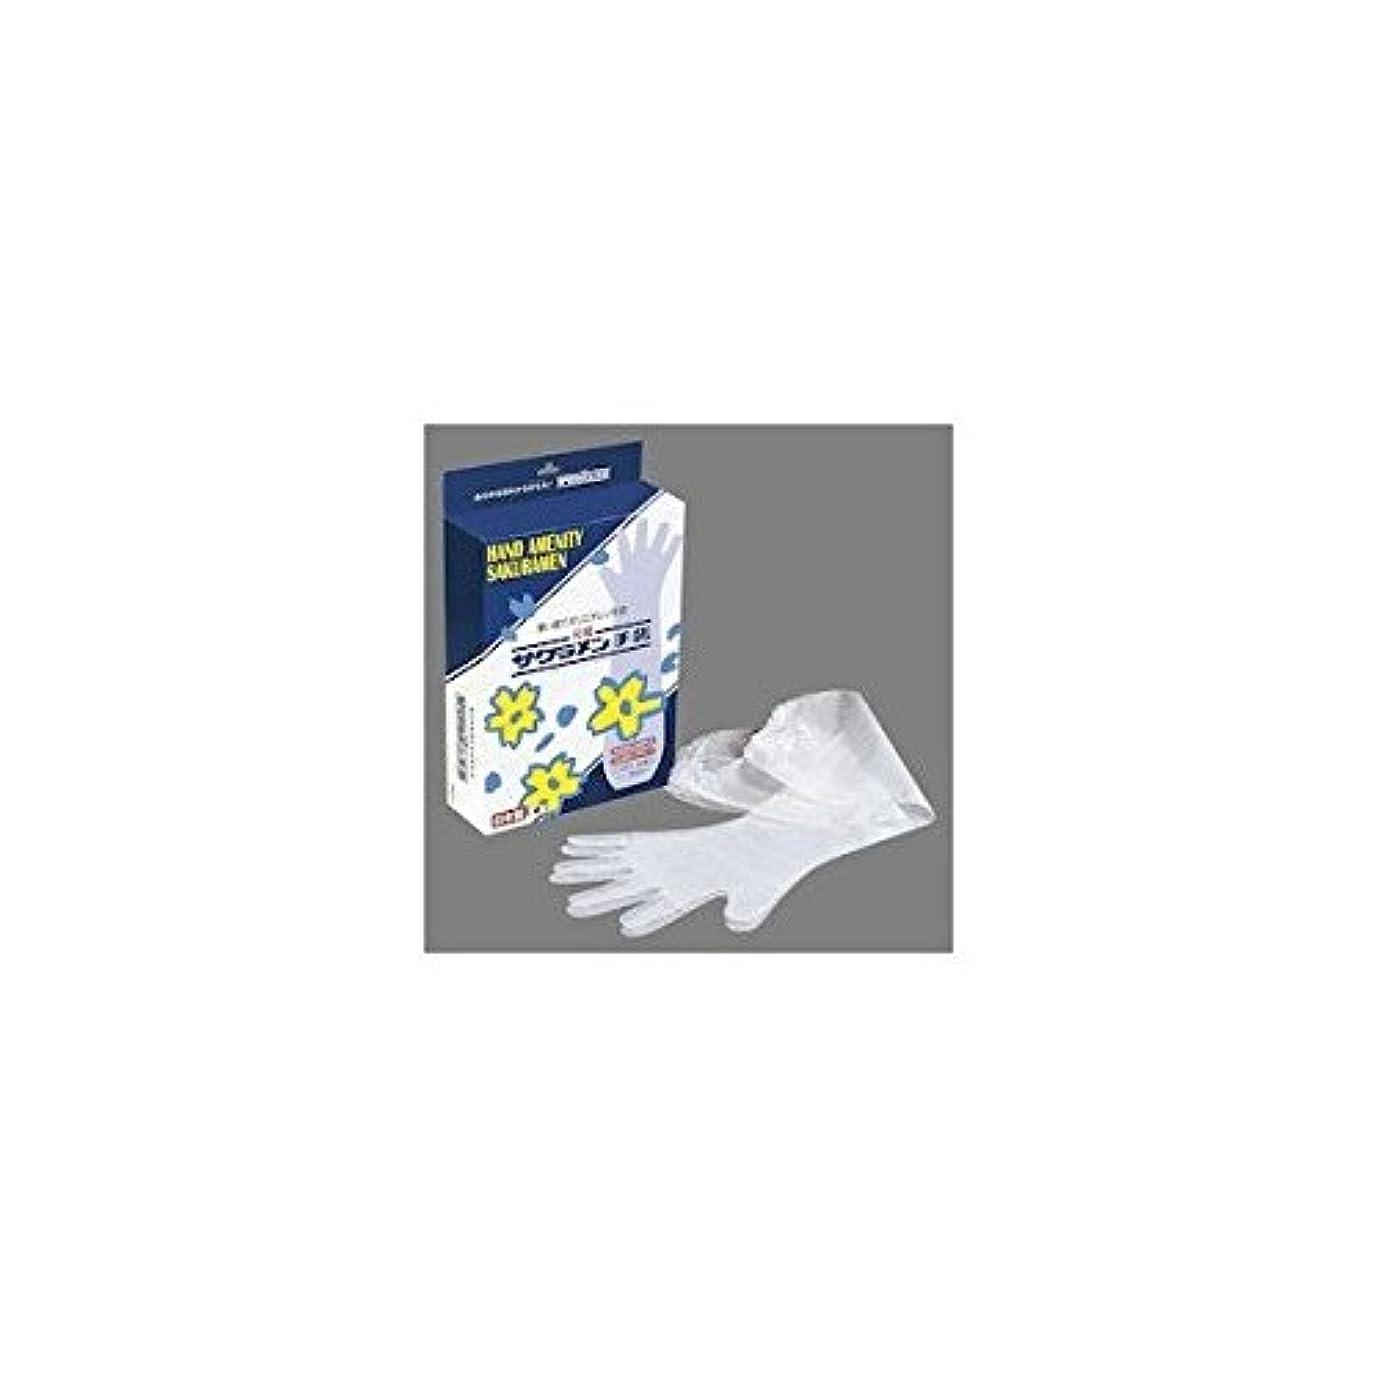 周辺トランザクション摘むサクラメン ゴム付ロング手袋(30枚入)40μ